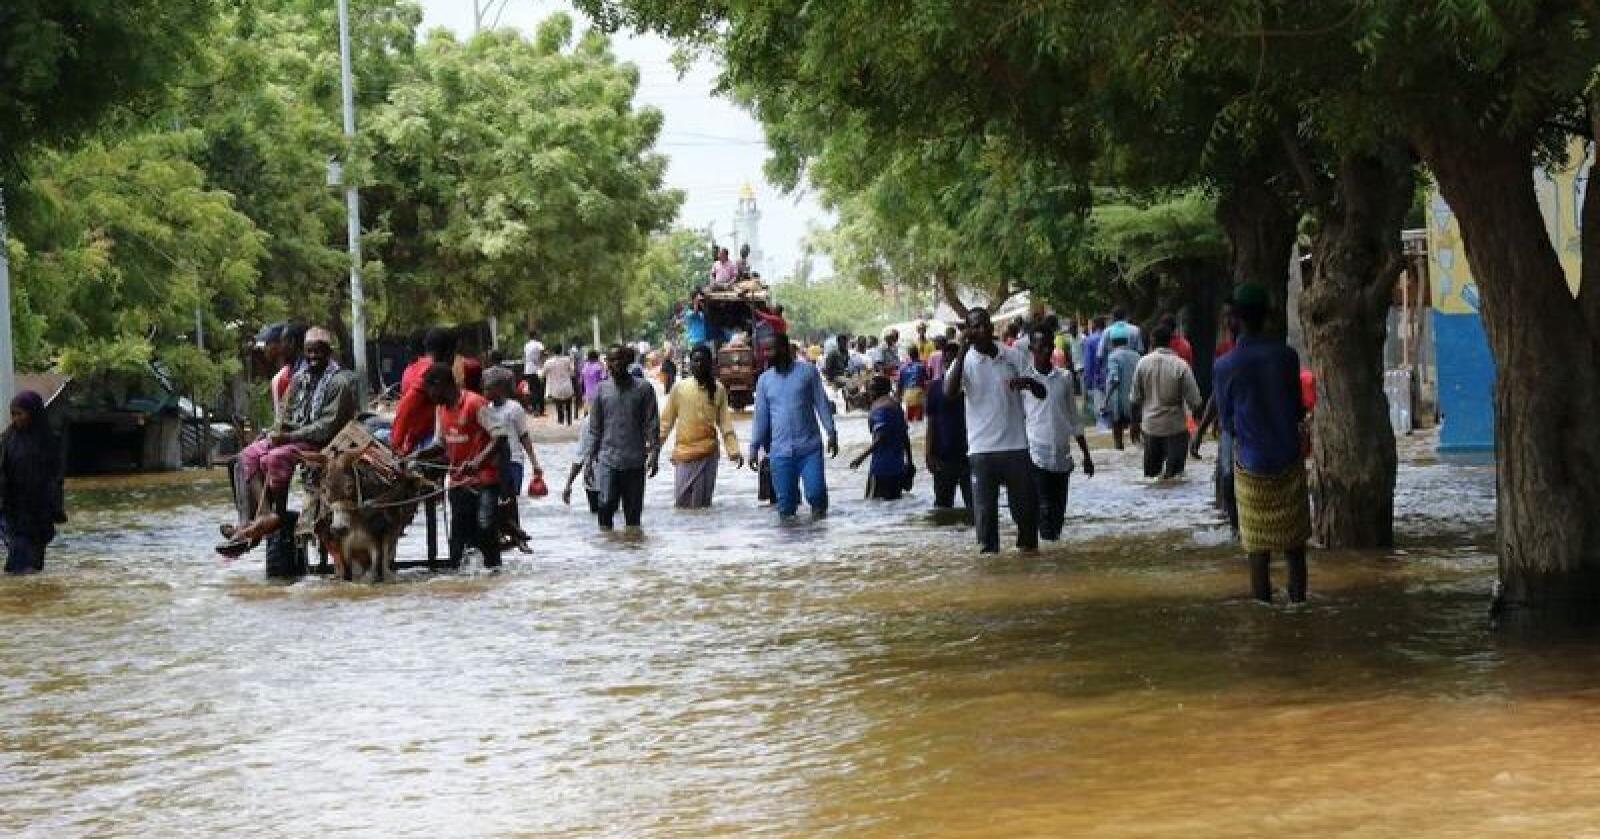 Deler av Kenya, Somalia (bildet) og Sør-Sudan er rammet av flom, som ifølge Røde Kors har drevet hundretusener på flukt. Foto: NRC / NTB scanpix